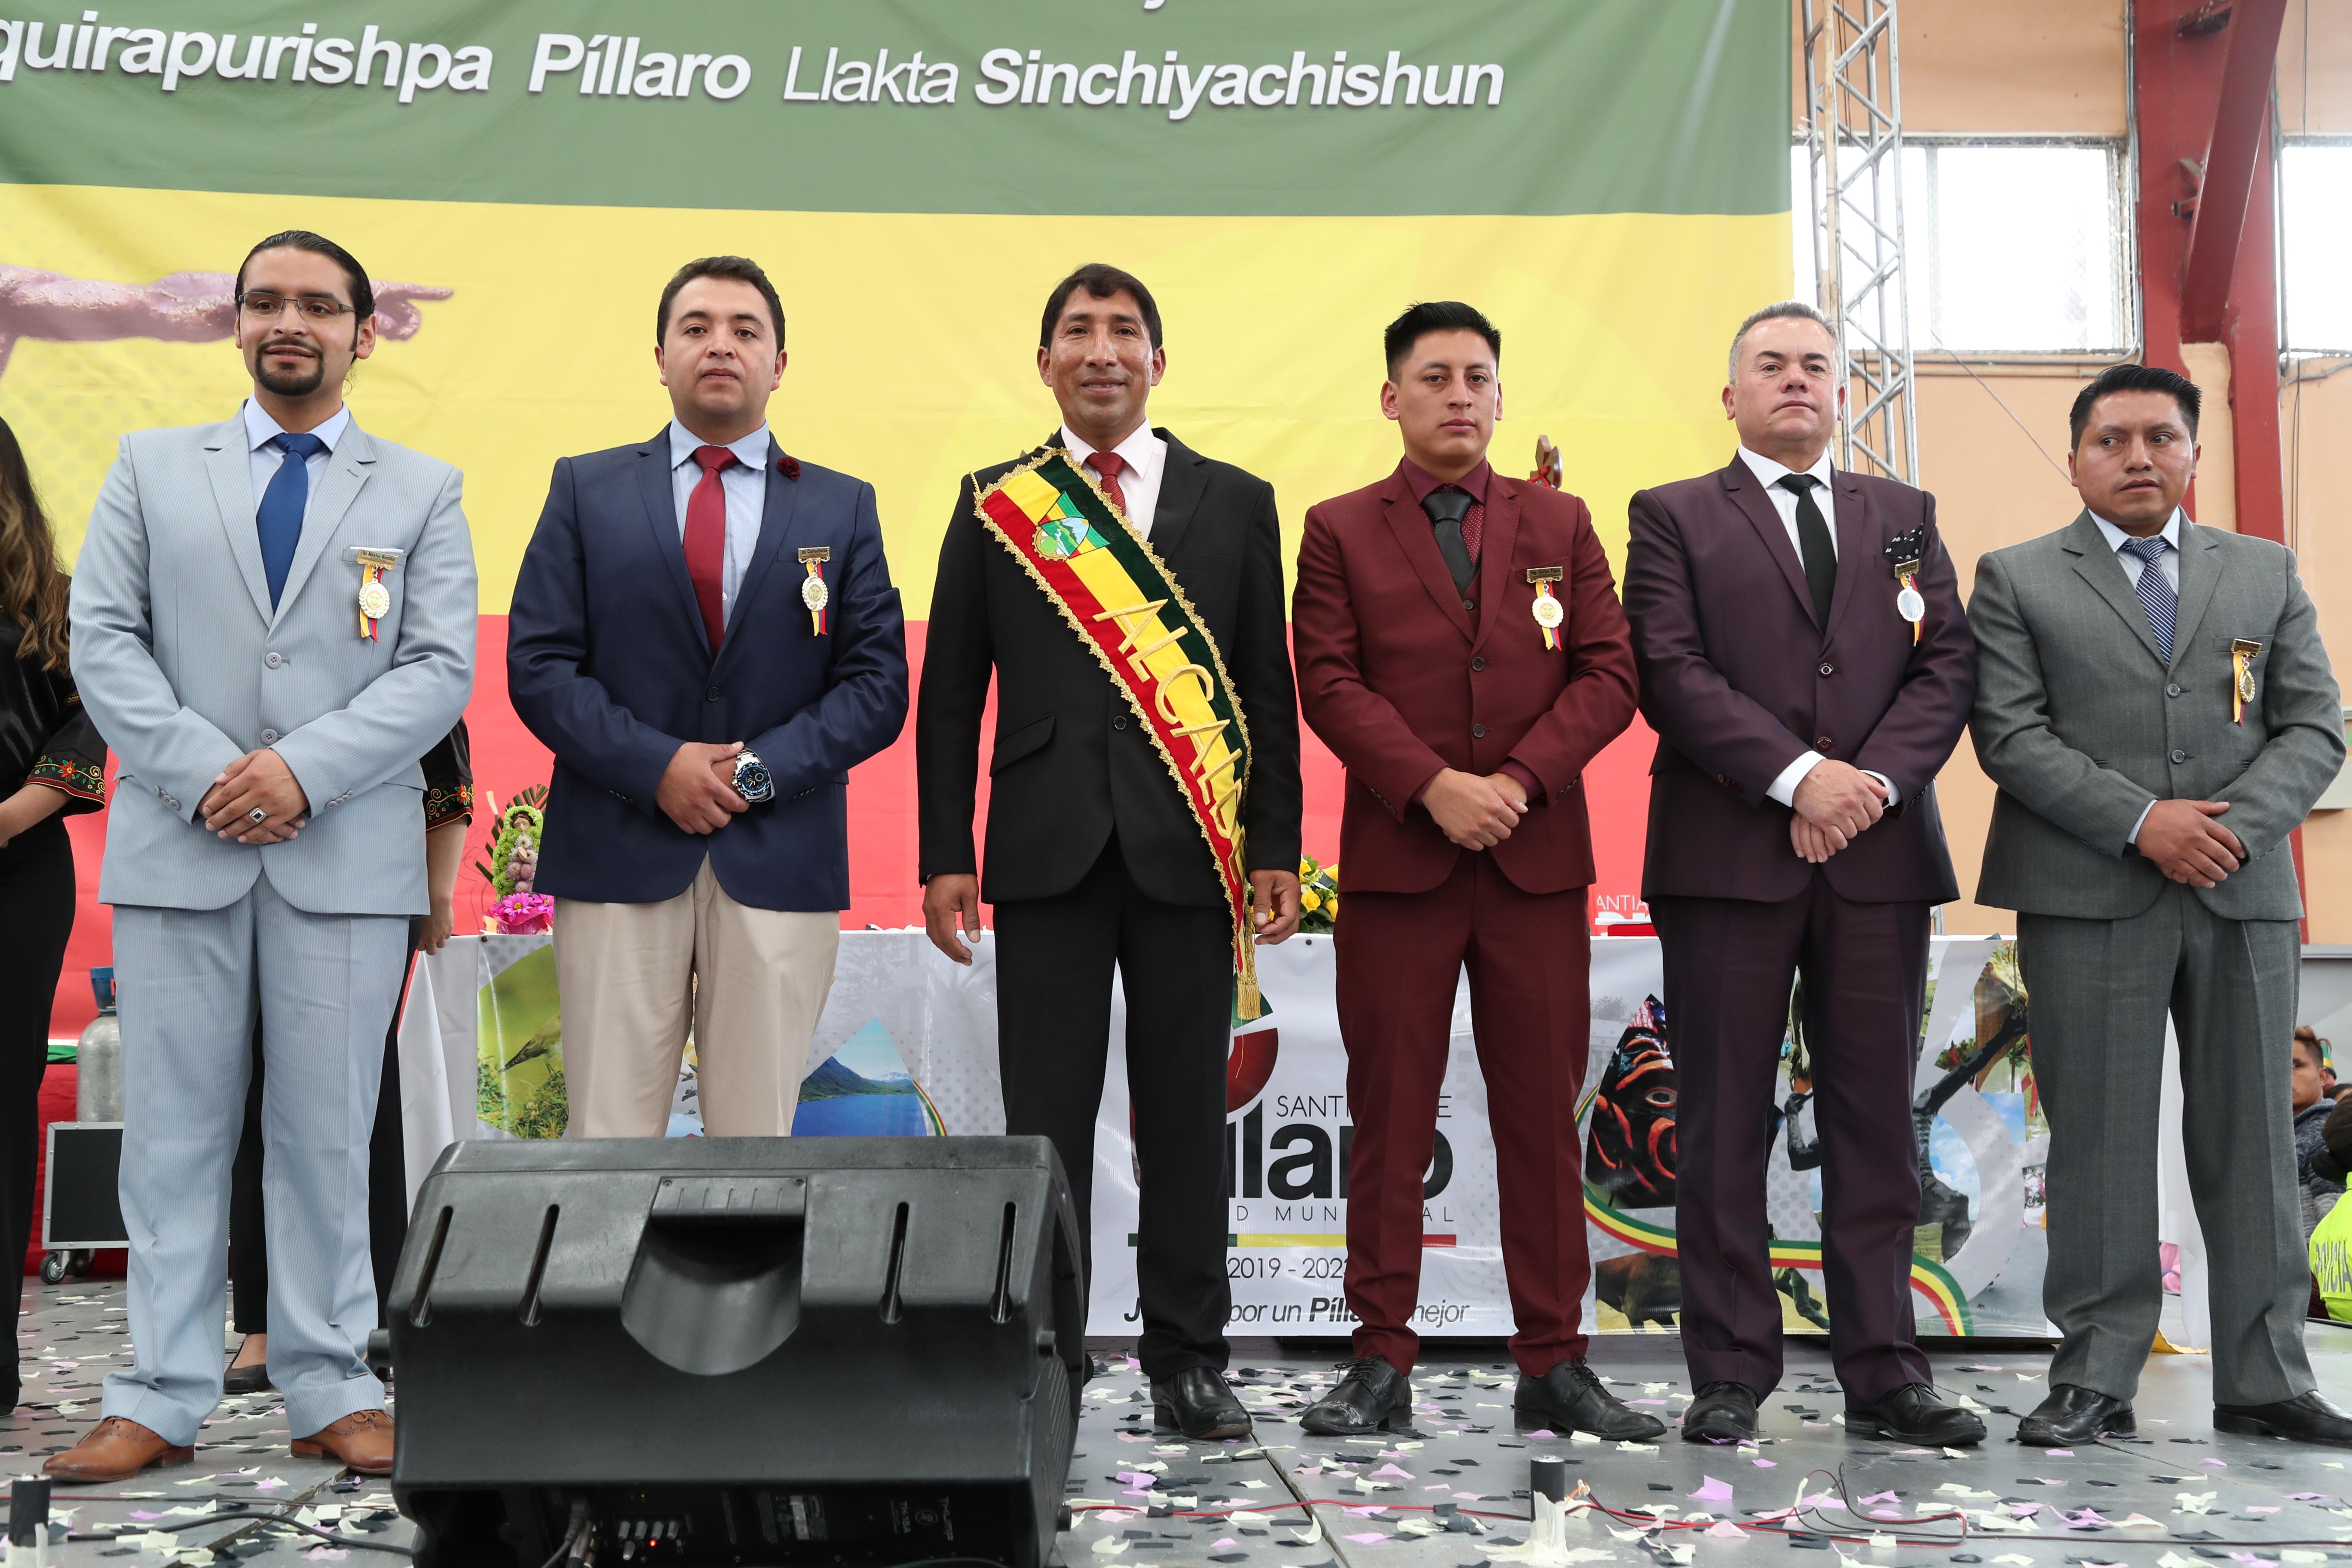 Se posesionaron las nuevas autoridades Municipales de Santiago de Píllaro